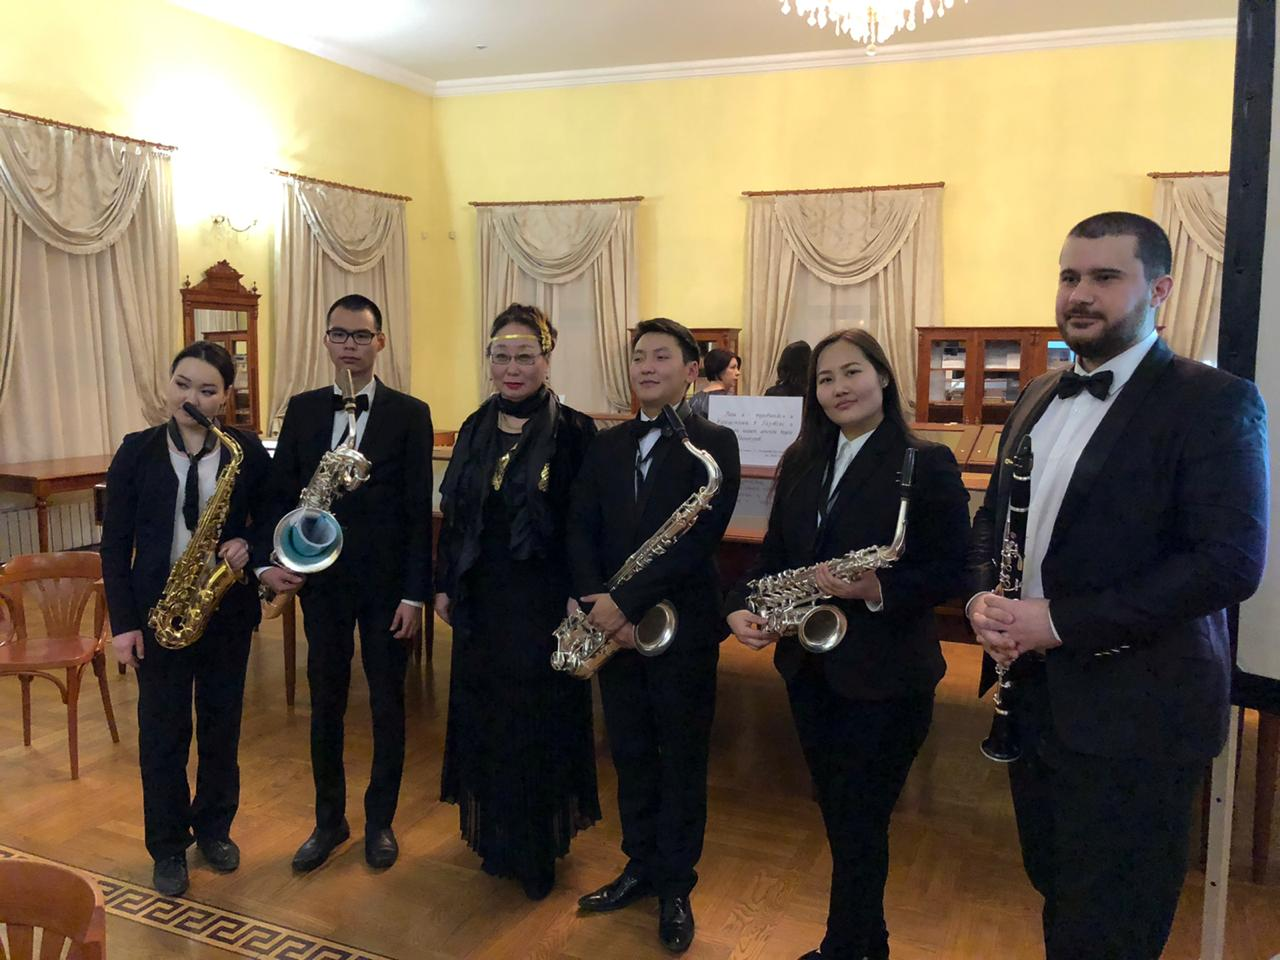 Квинтет саксофонистов дал дебютный концерт